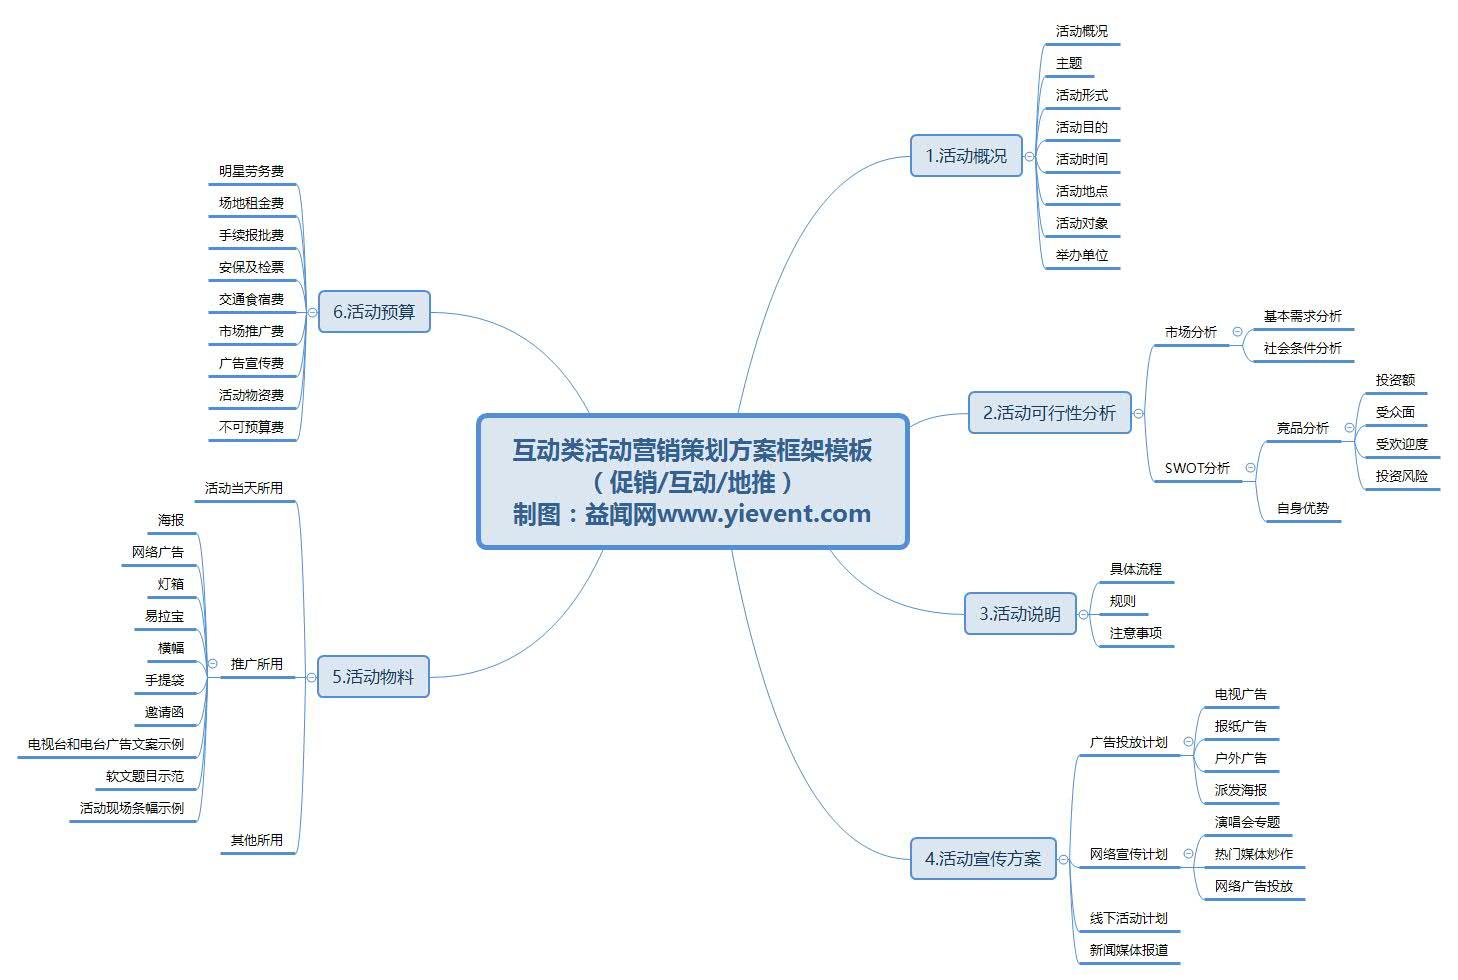 活动策划方案大全_市场营销人,如何做好一场公关活动策划执行?_益闻网活动策划